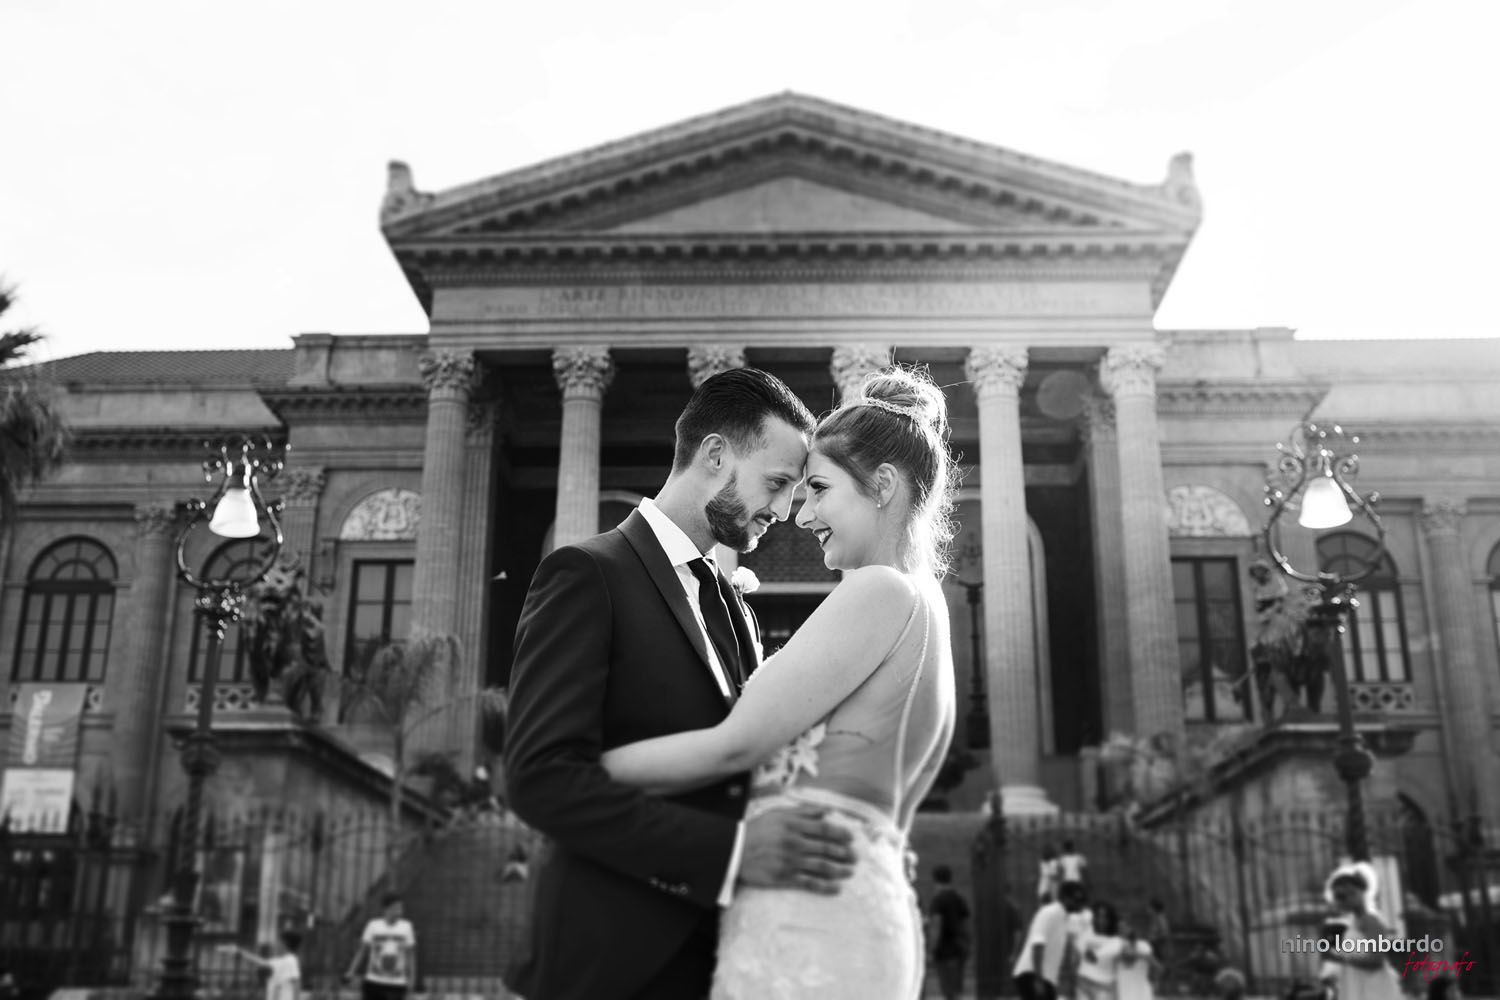 Fotografo a Palermo per matrimoni eleganti ed esclusivi Nino Lombardo